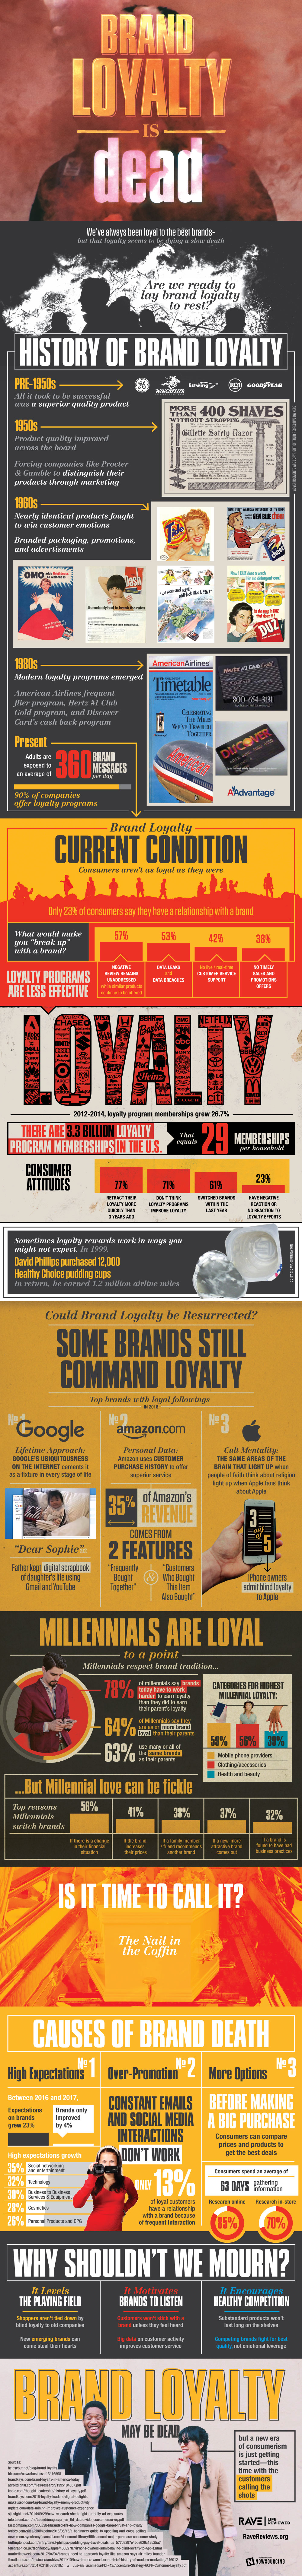 Brand Loyalty Is Dead